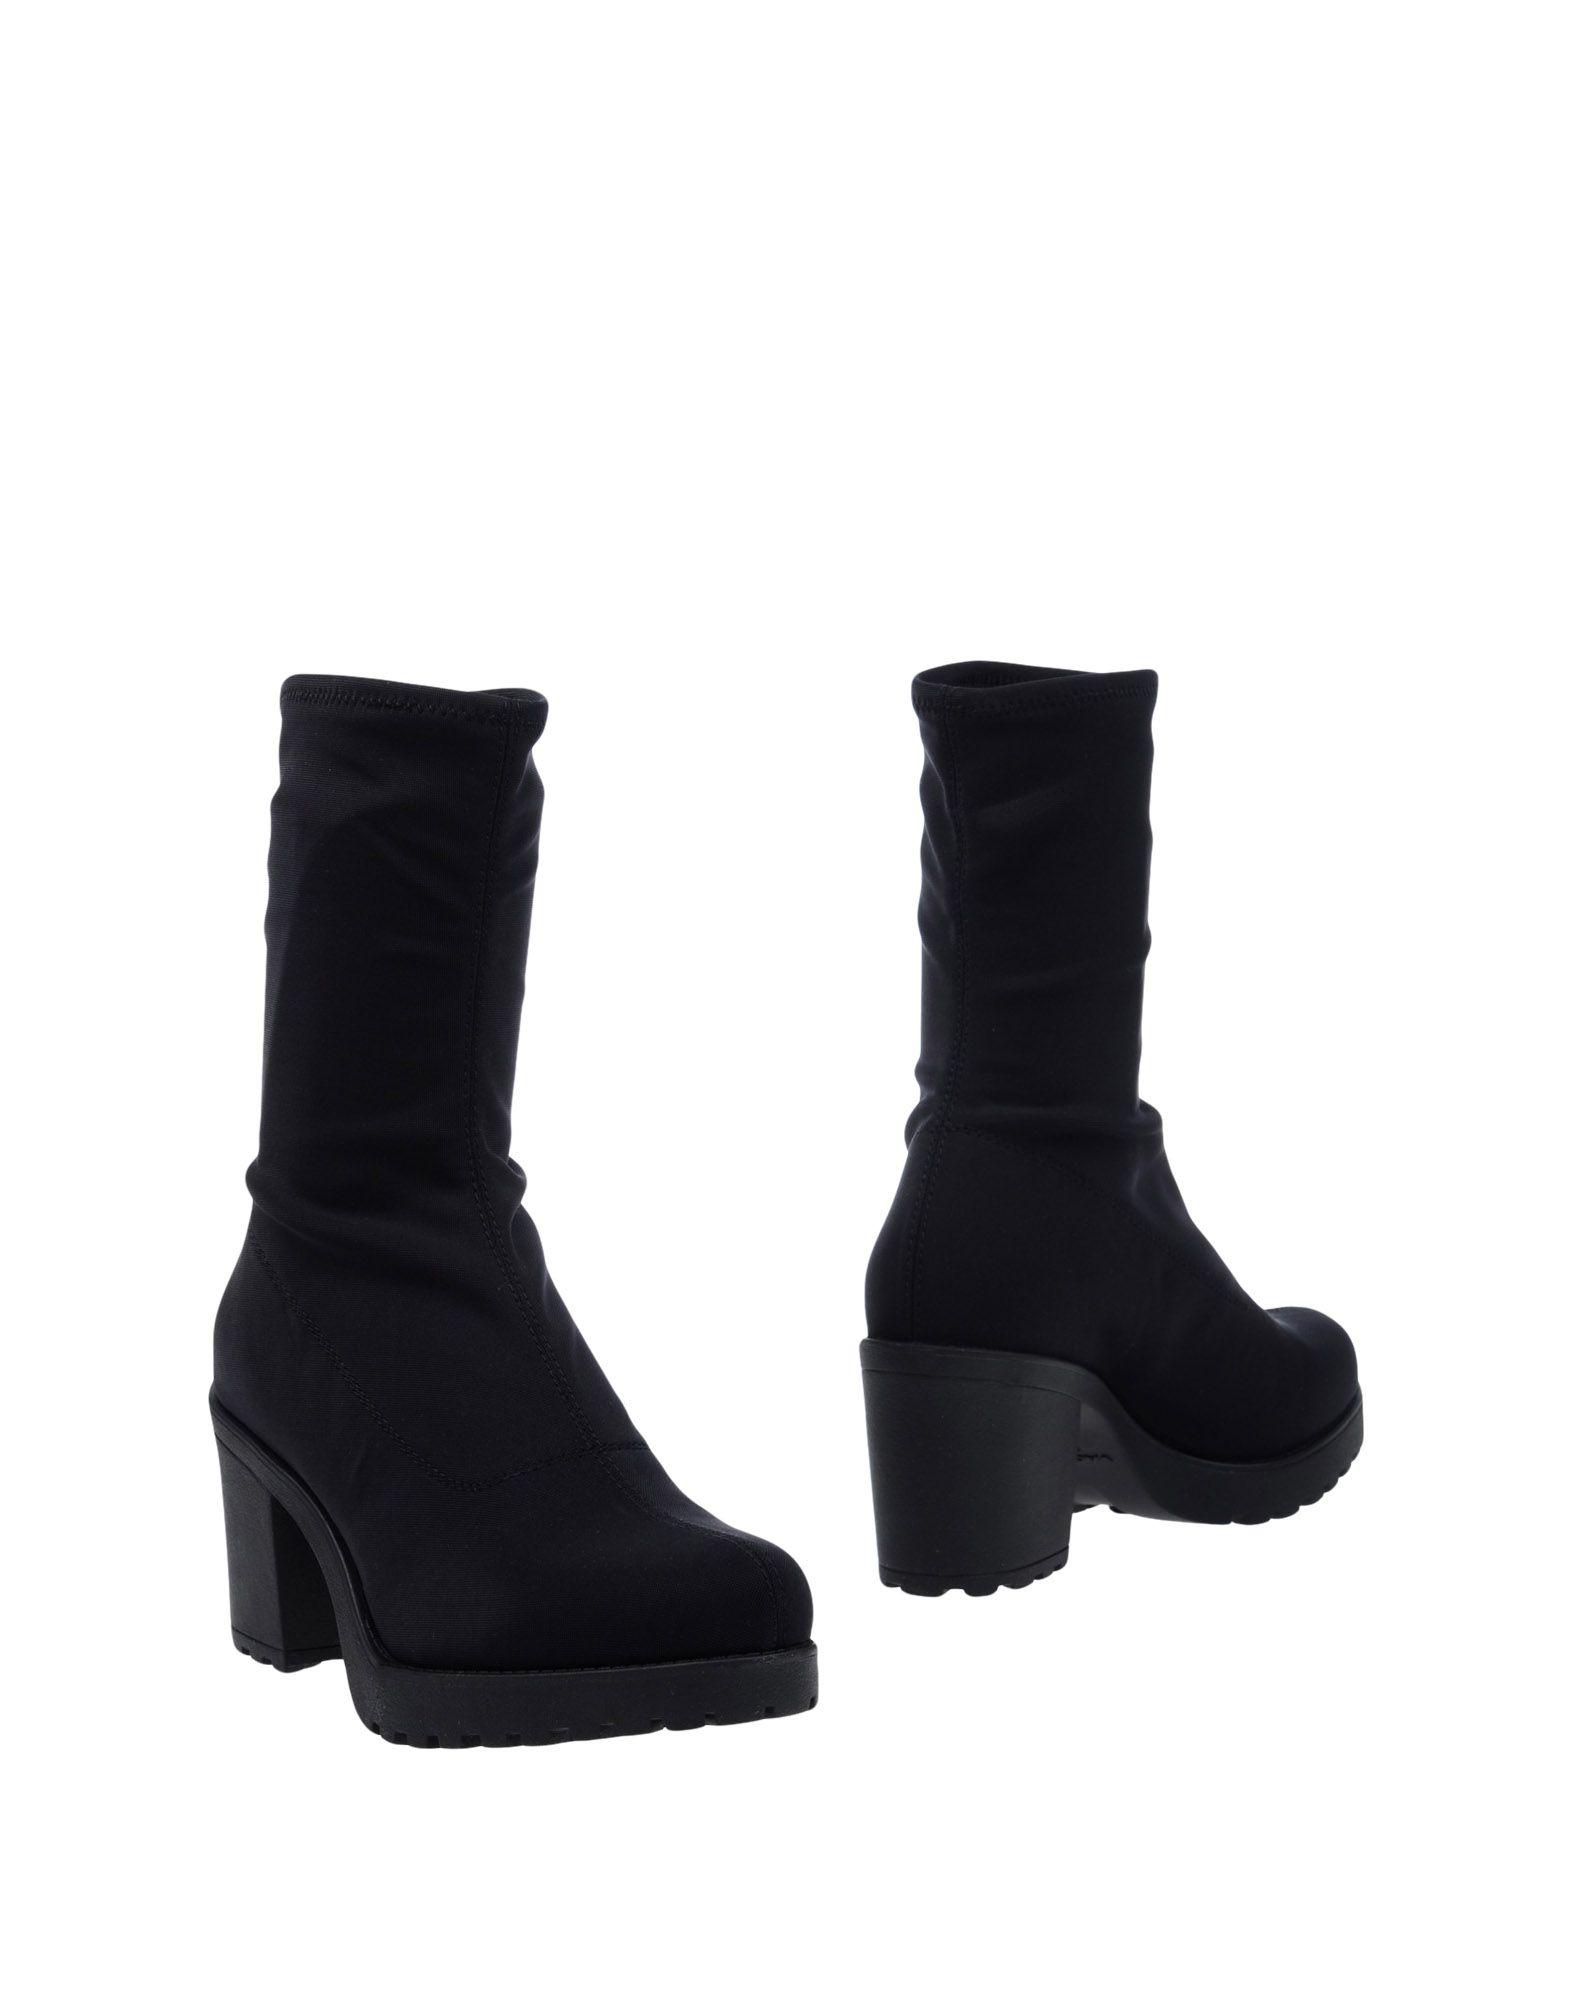 Vagabond Shoemakers Stiefelette Damen  11266457XN Gute Qualität beliebte Schuhe